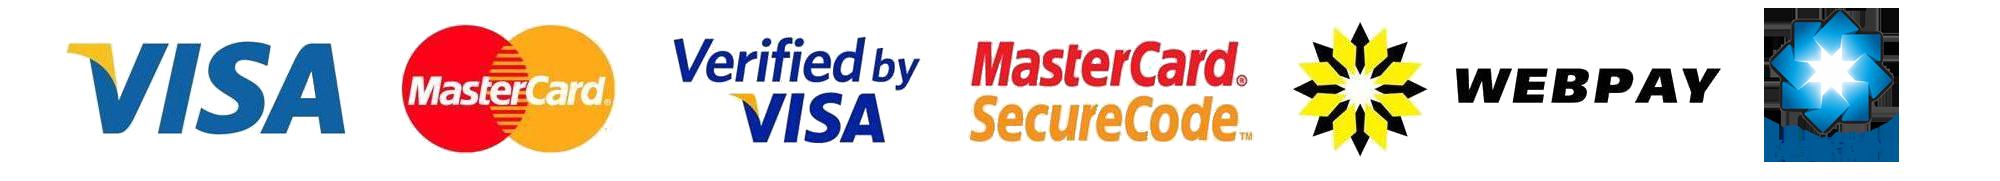 логотипы WEBPAY, VISA, MASTERCARD